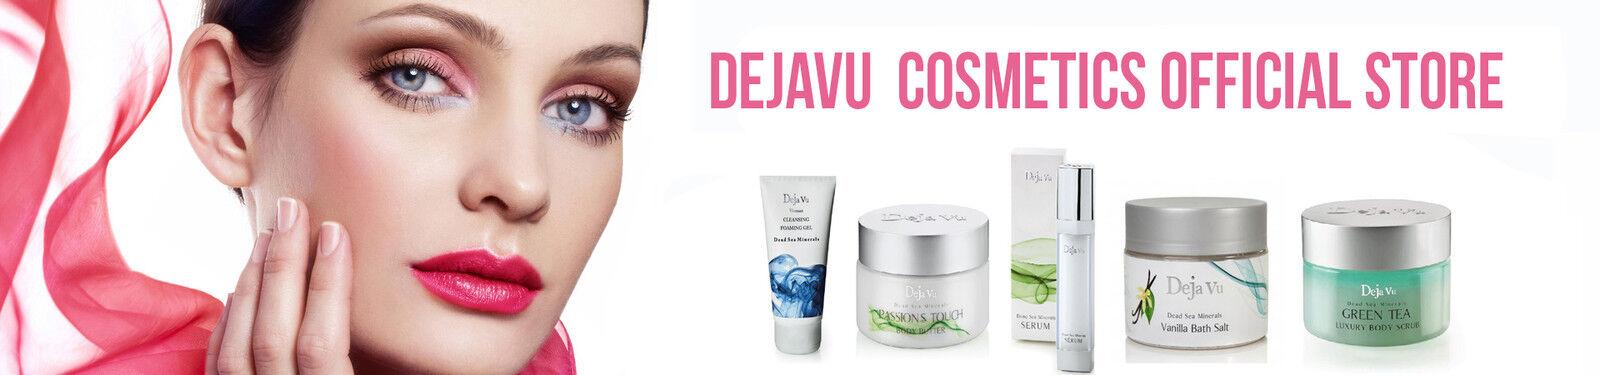 dejavu-cosmetics